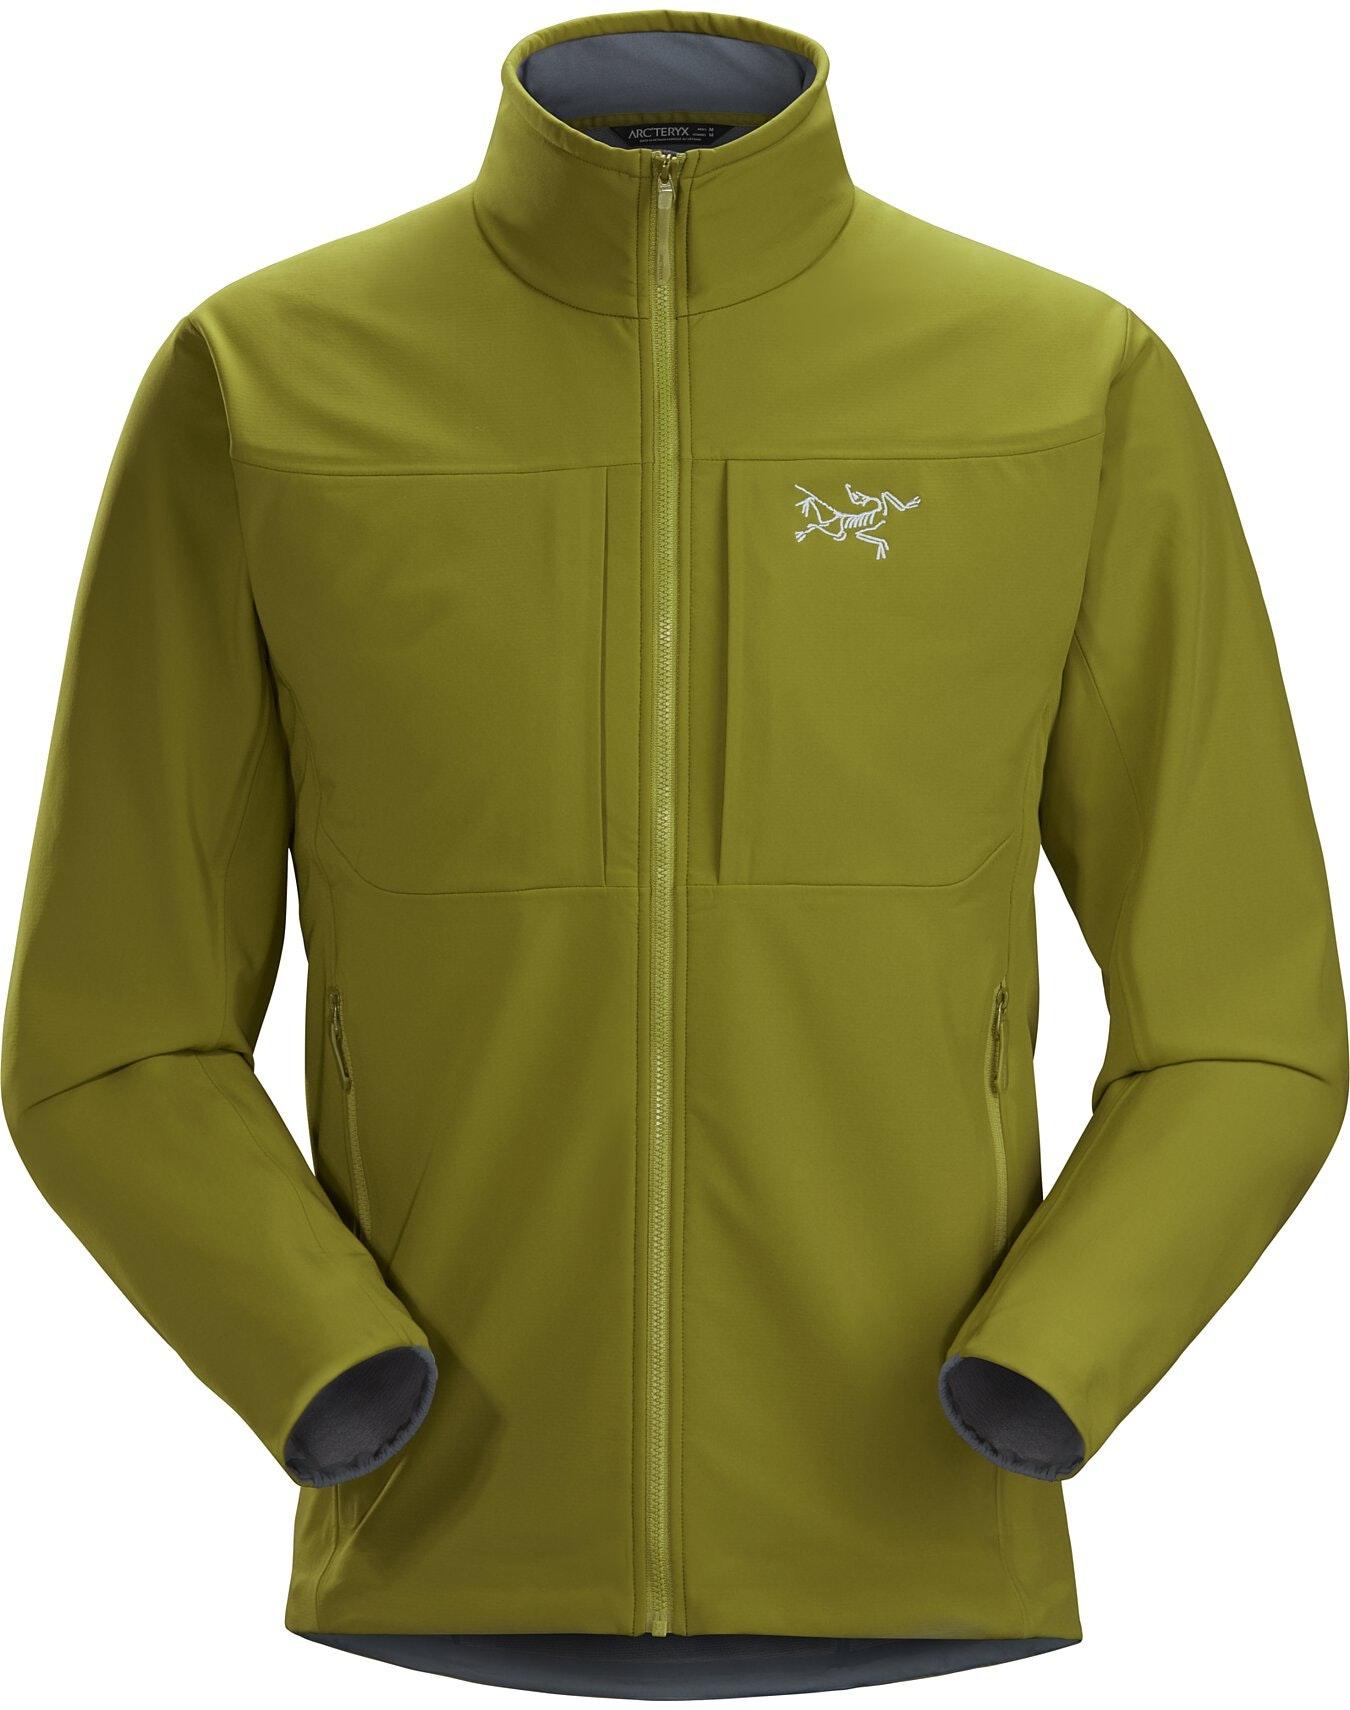 Gamma MX Jacket Elytron